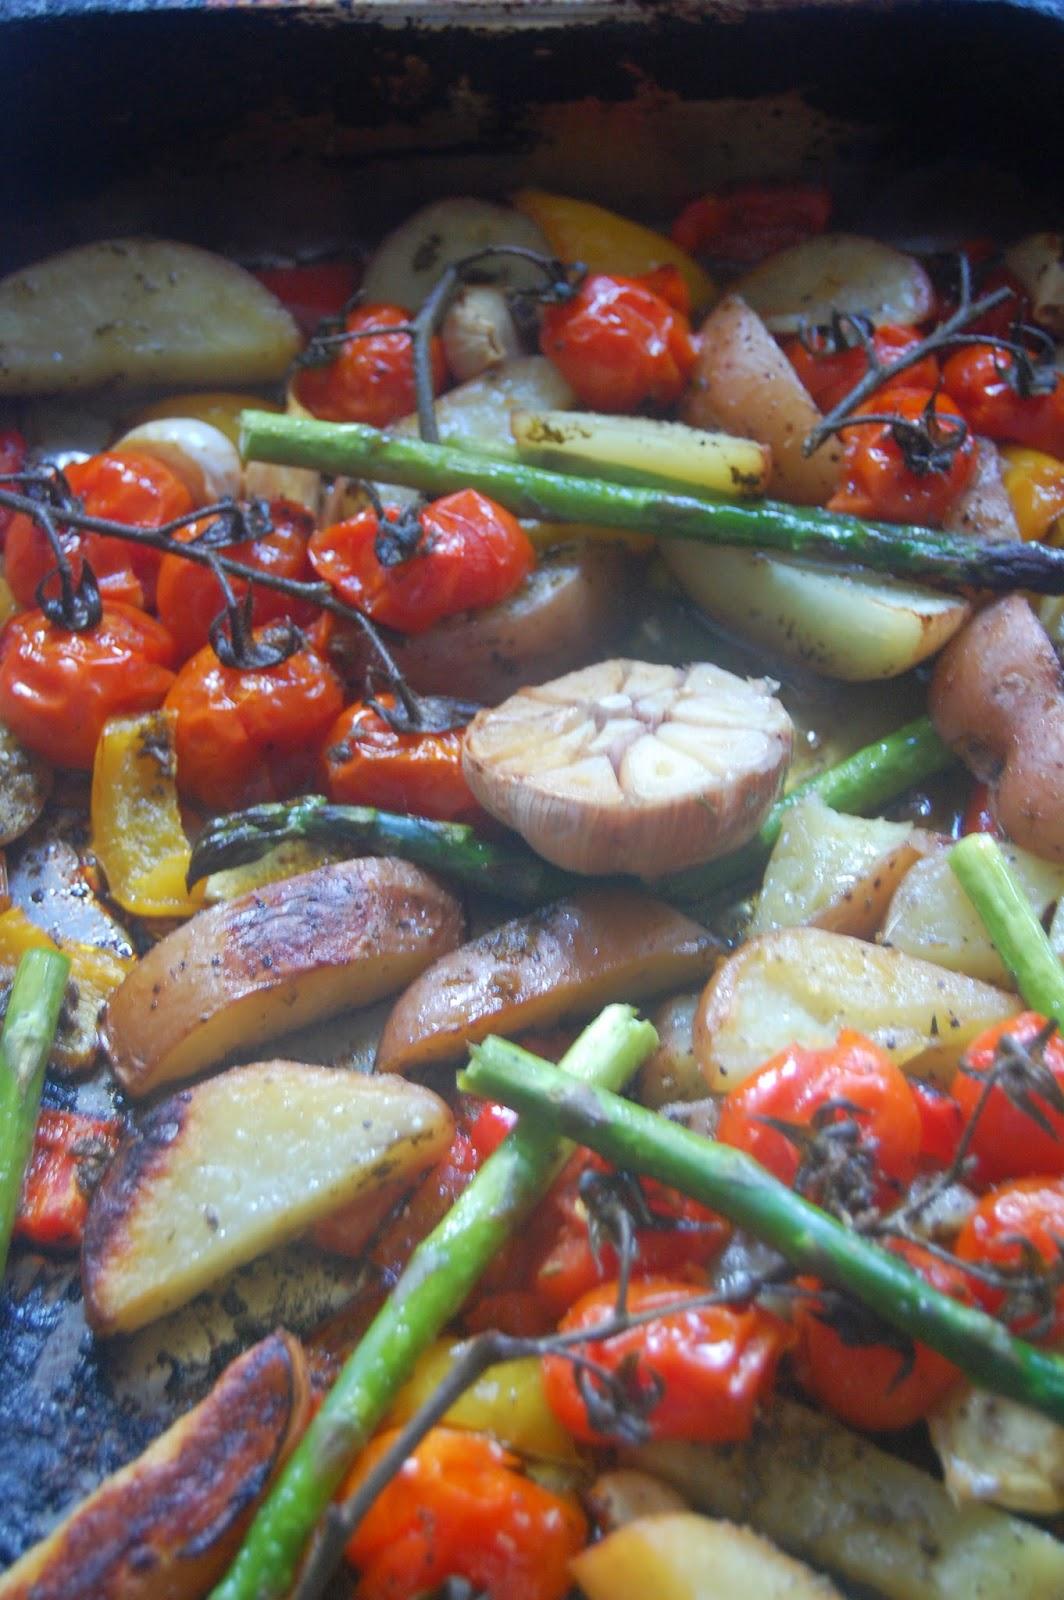 Roasted veg ready to serve